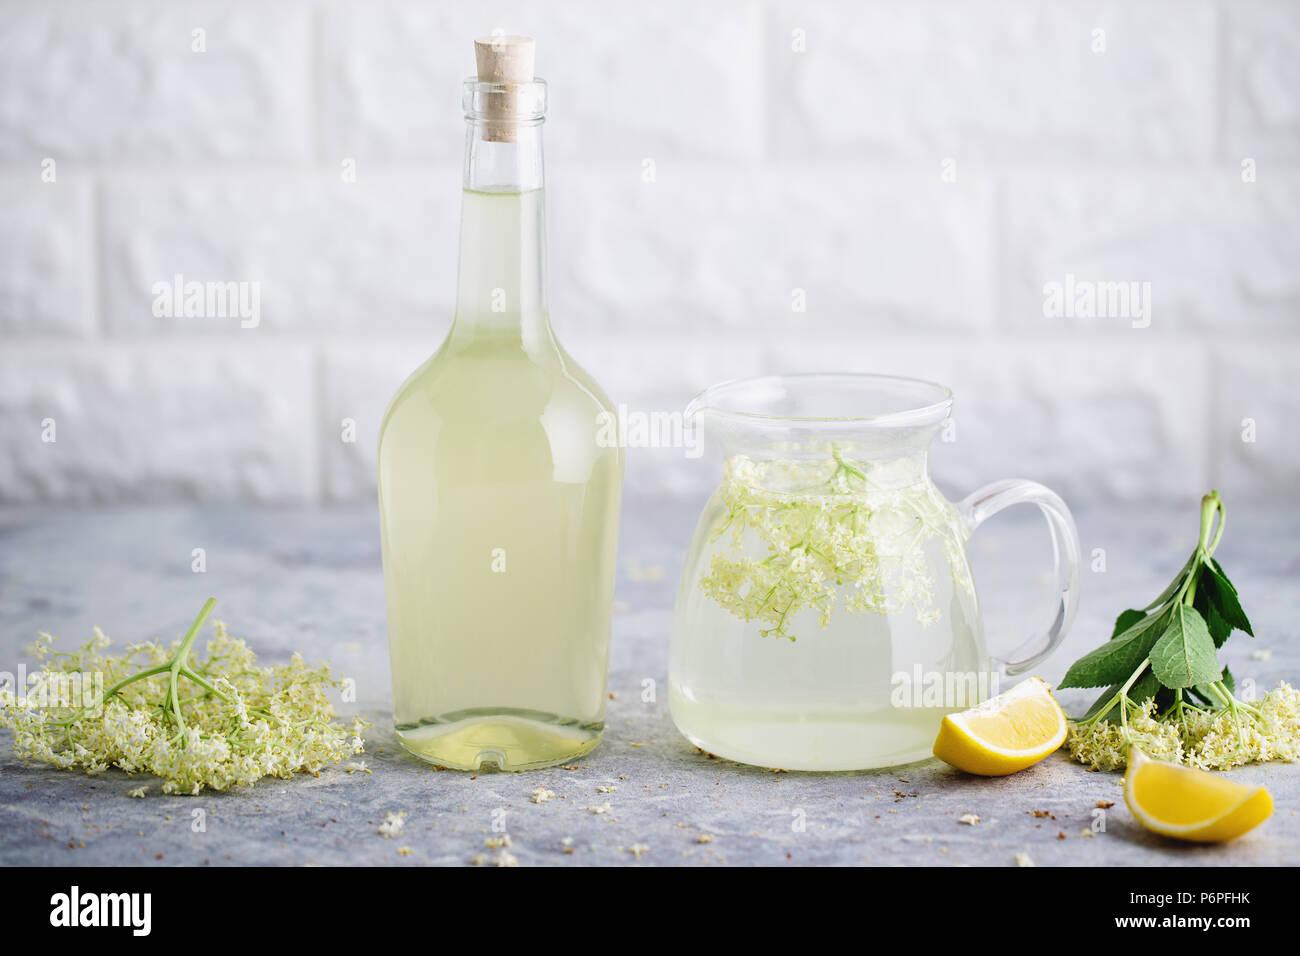 Limonade de sureau fait maison avec elderflowers fraîchement cueillis. Les fleurs sont comestibles et peuvent être utilisés pour ajouter de la saveur et l'arôme à la fois des boissons et des Photo Stock